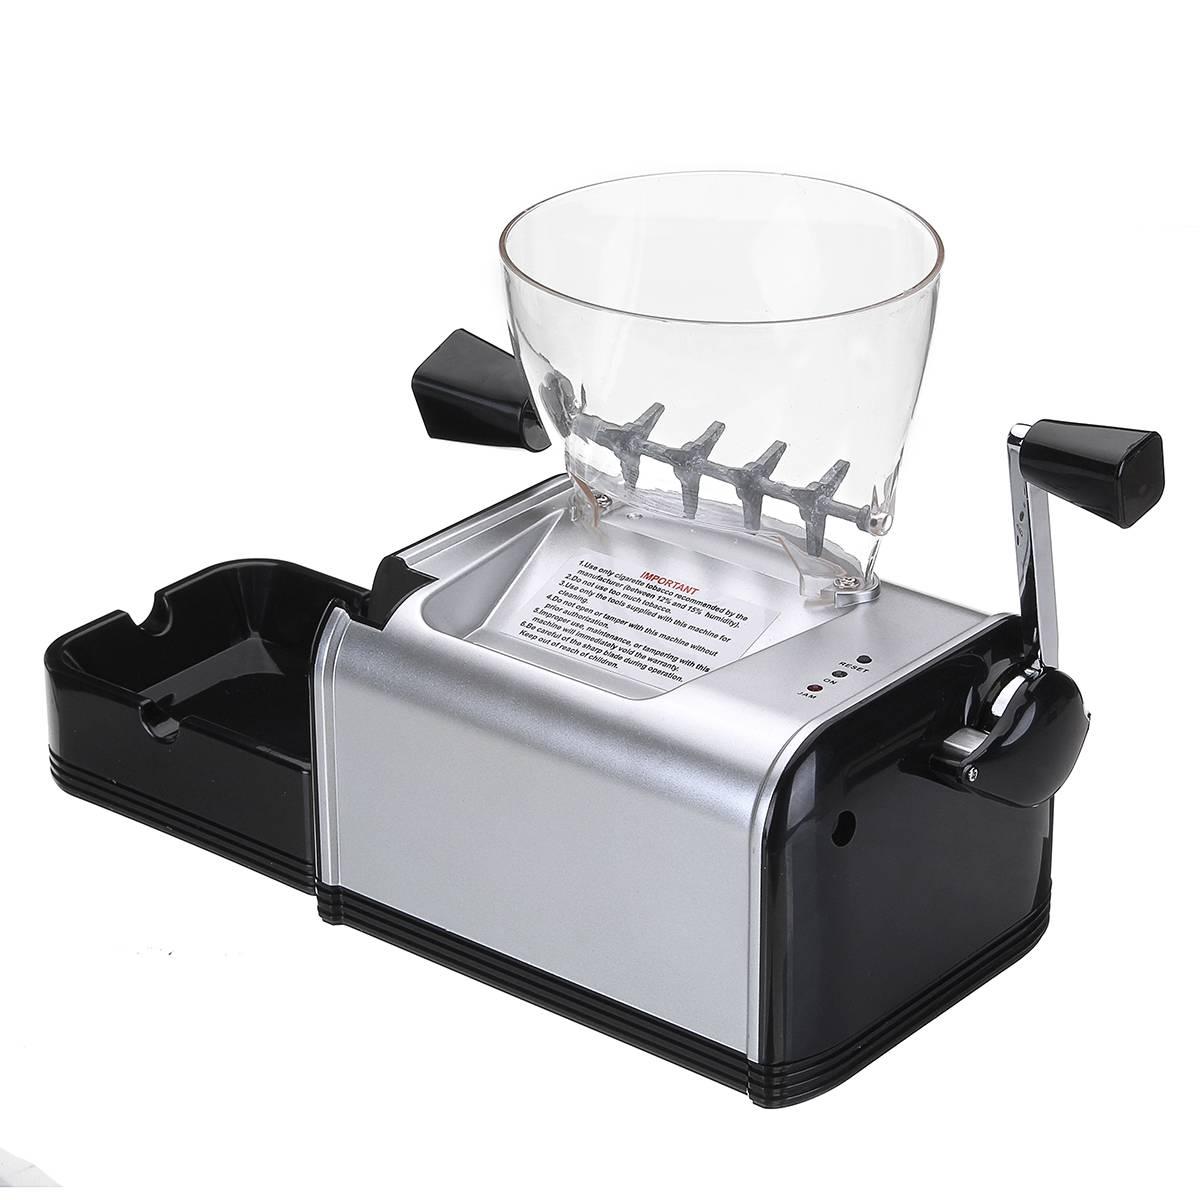 Elétrico automático Que Faz A Máquina de Rolamento do Cigarro Máquina de Rolo Fabricante De Tabaco Injector Eletrônico Portátil Fácil Ferramenta de Fumar